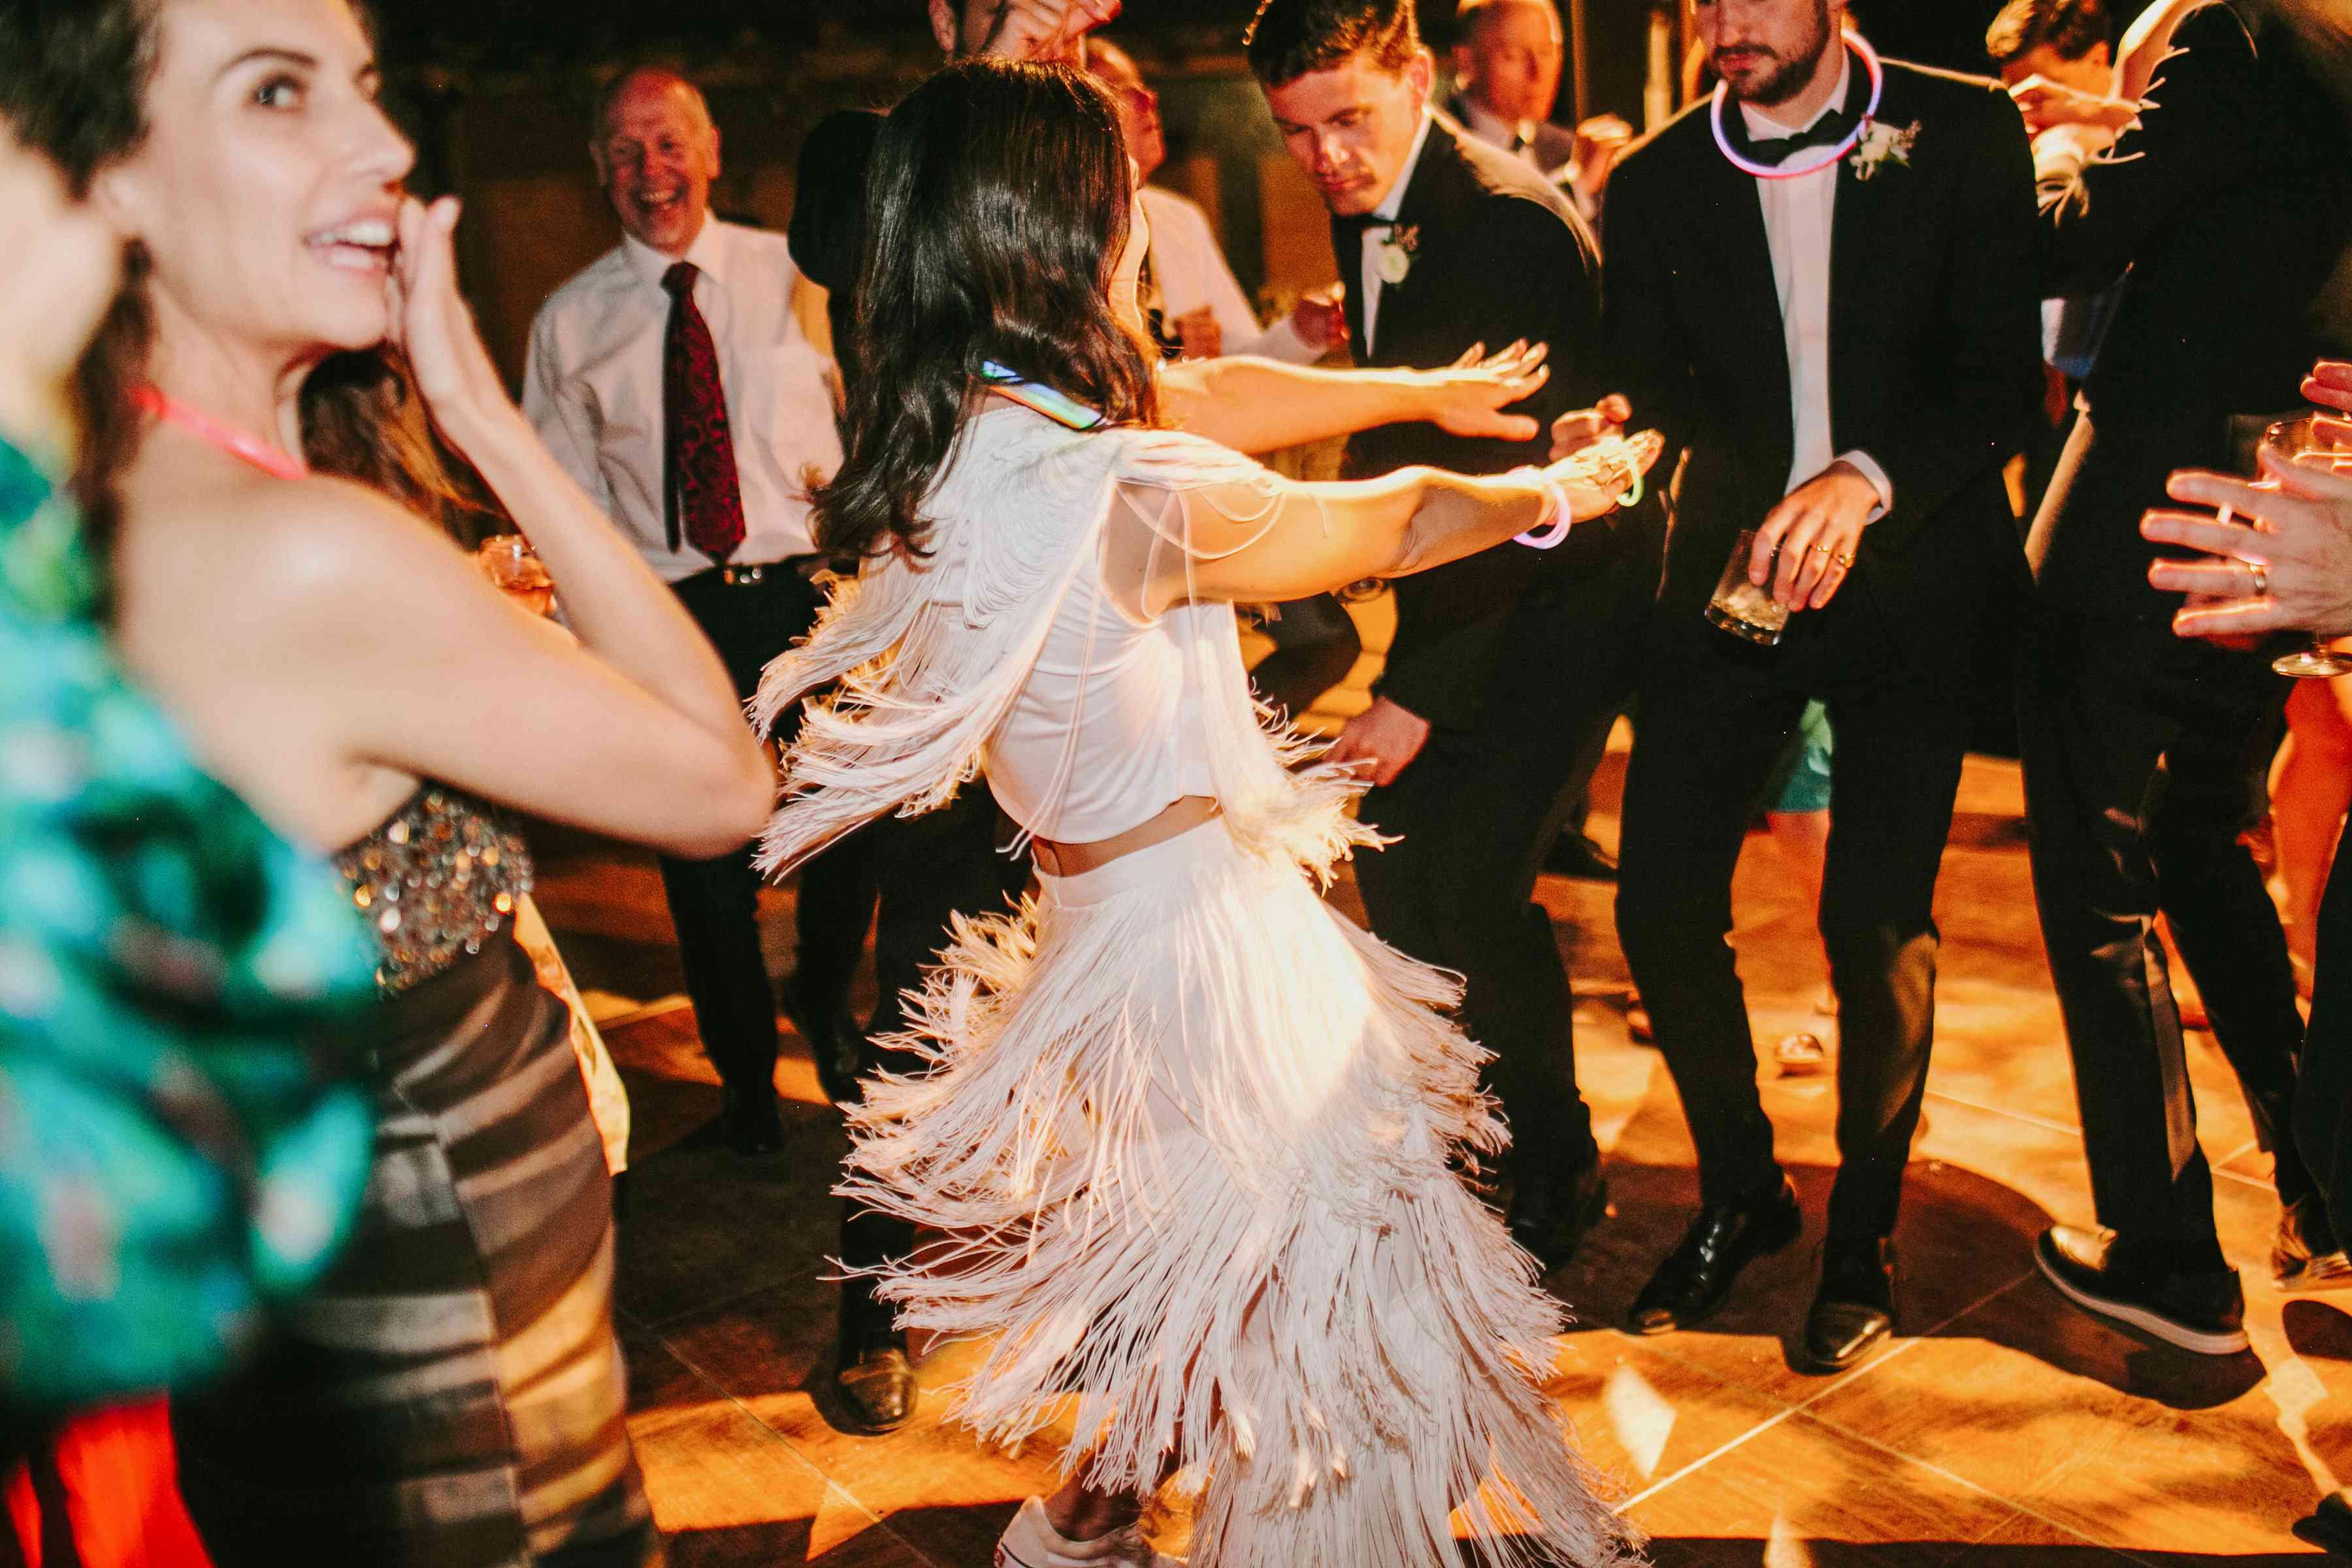 <p>dance floor bride and groom dancing</p><br><br>